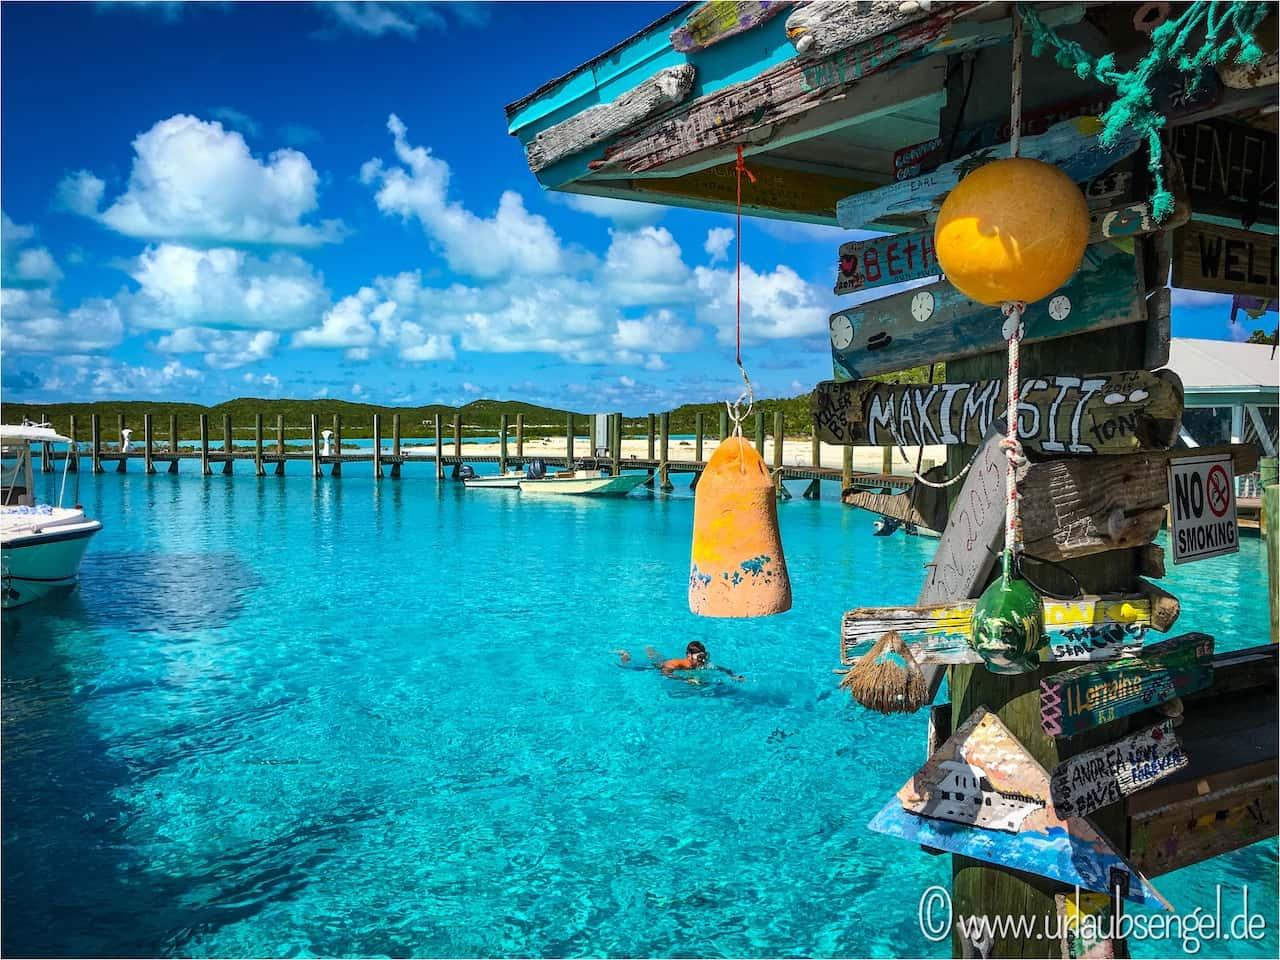 Haie streicheln auf Compass Cay